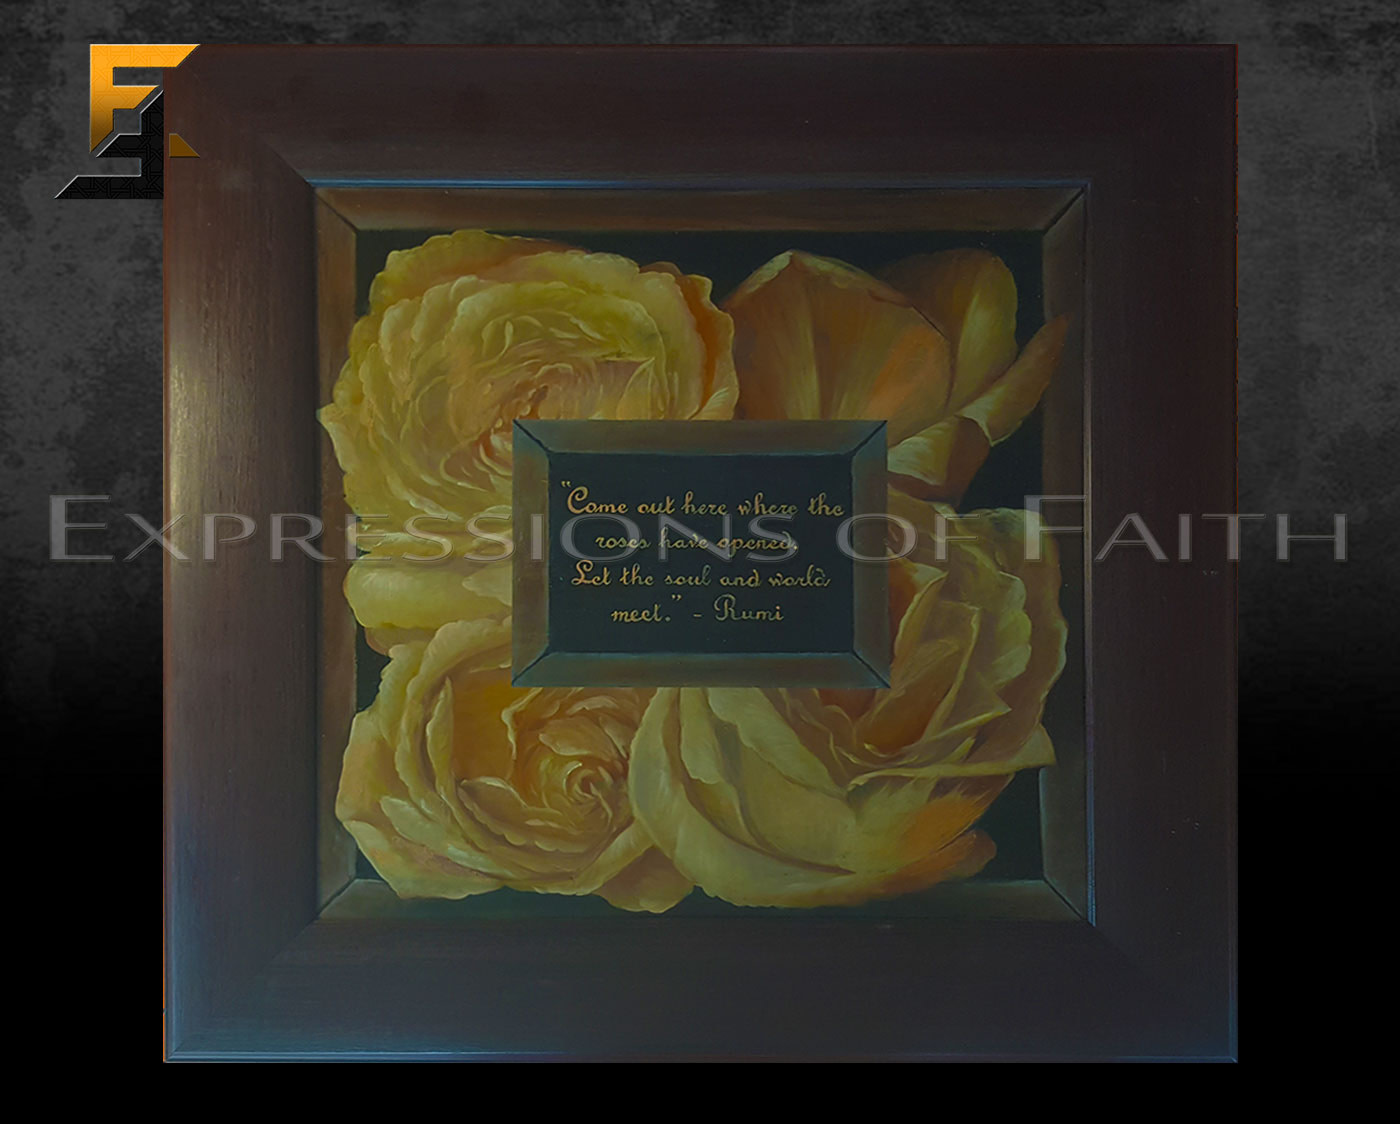 AF042 Rose Bed Rumi - Art Shop